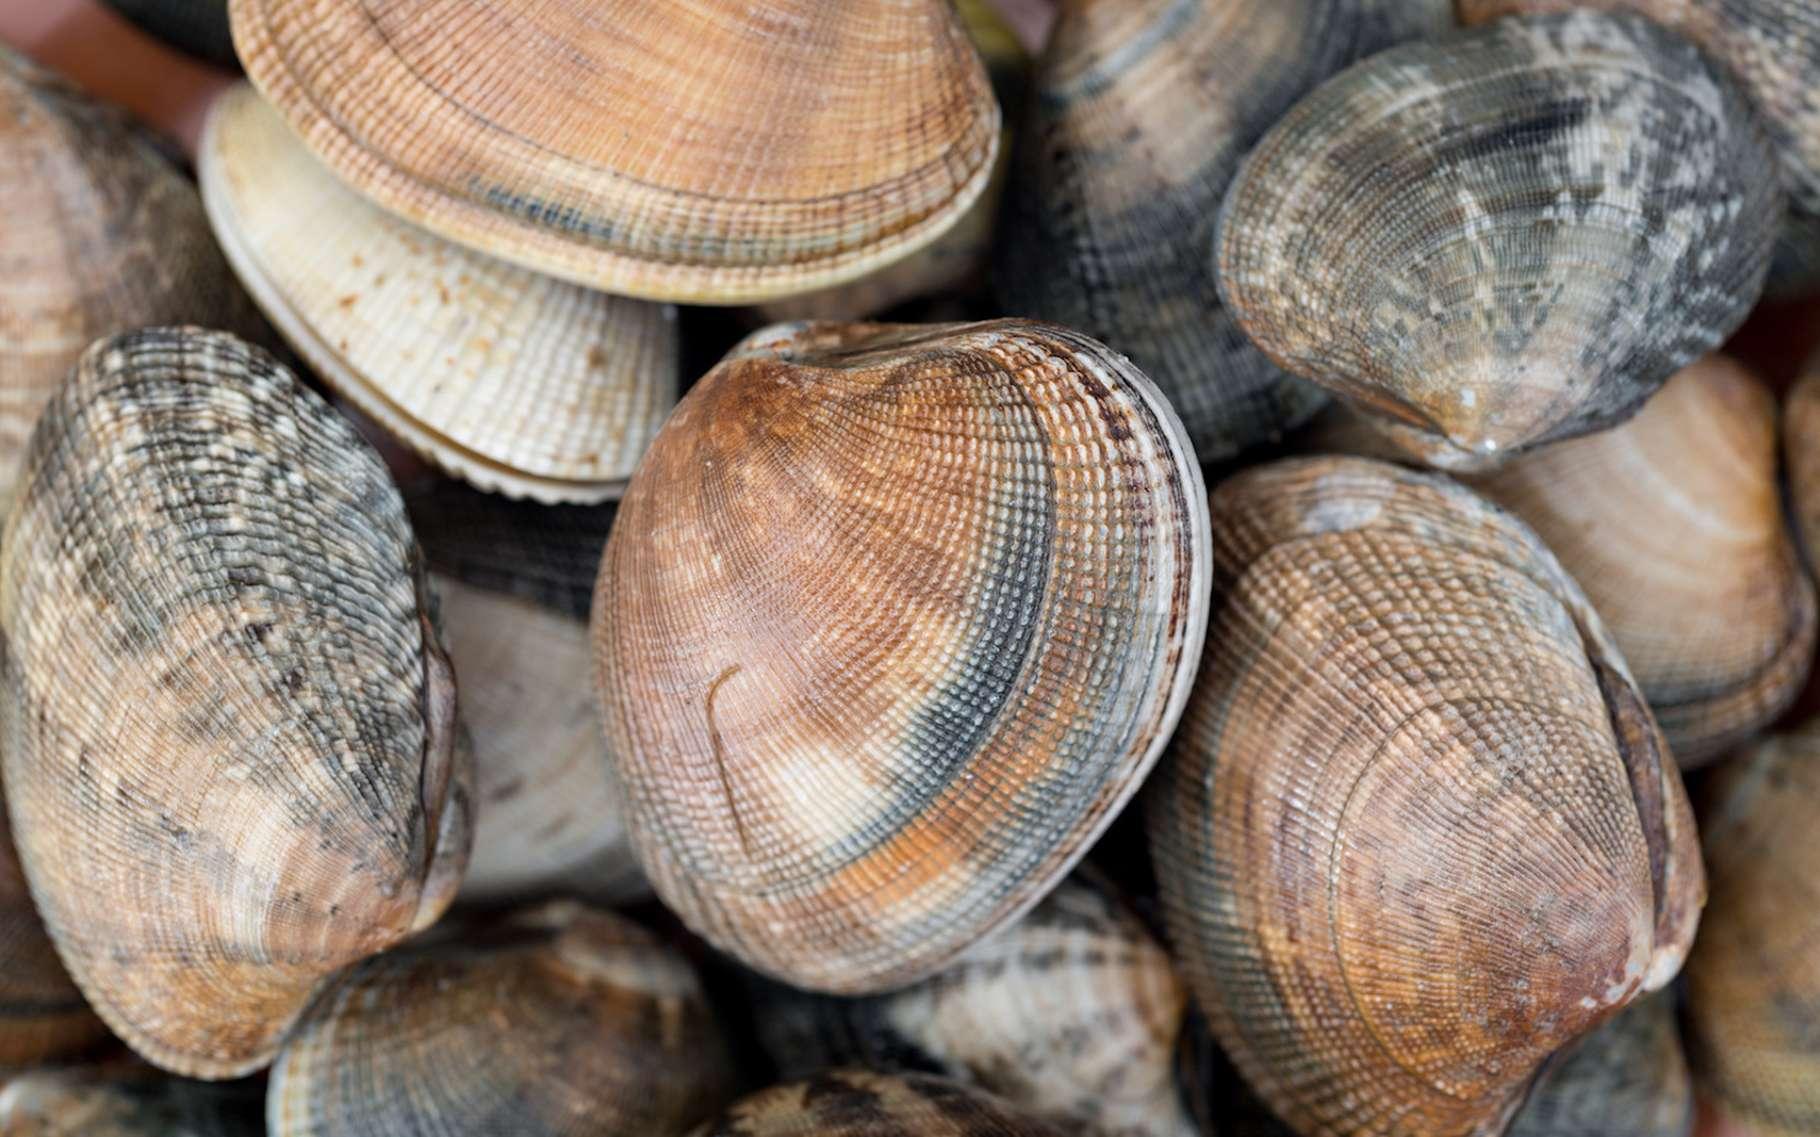 Une étude comparative de sédiments conduit des chercheurs à penser que les palourdes et autres mollusques marins sont responsables d'une quantité qui pourrait devenir non négligeable de méthane émis dans l'atmosphère. © gitanna, Fotolia